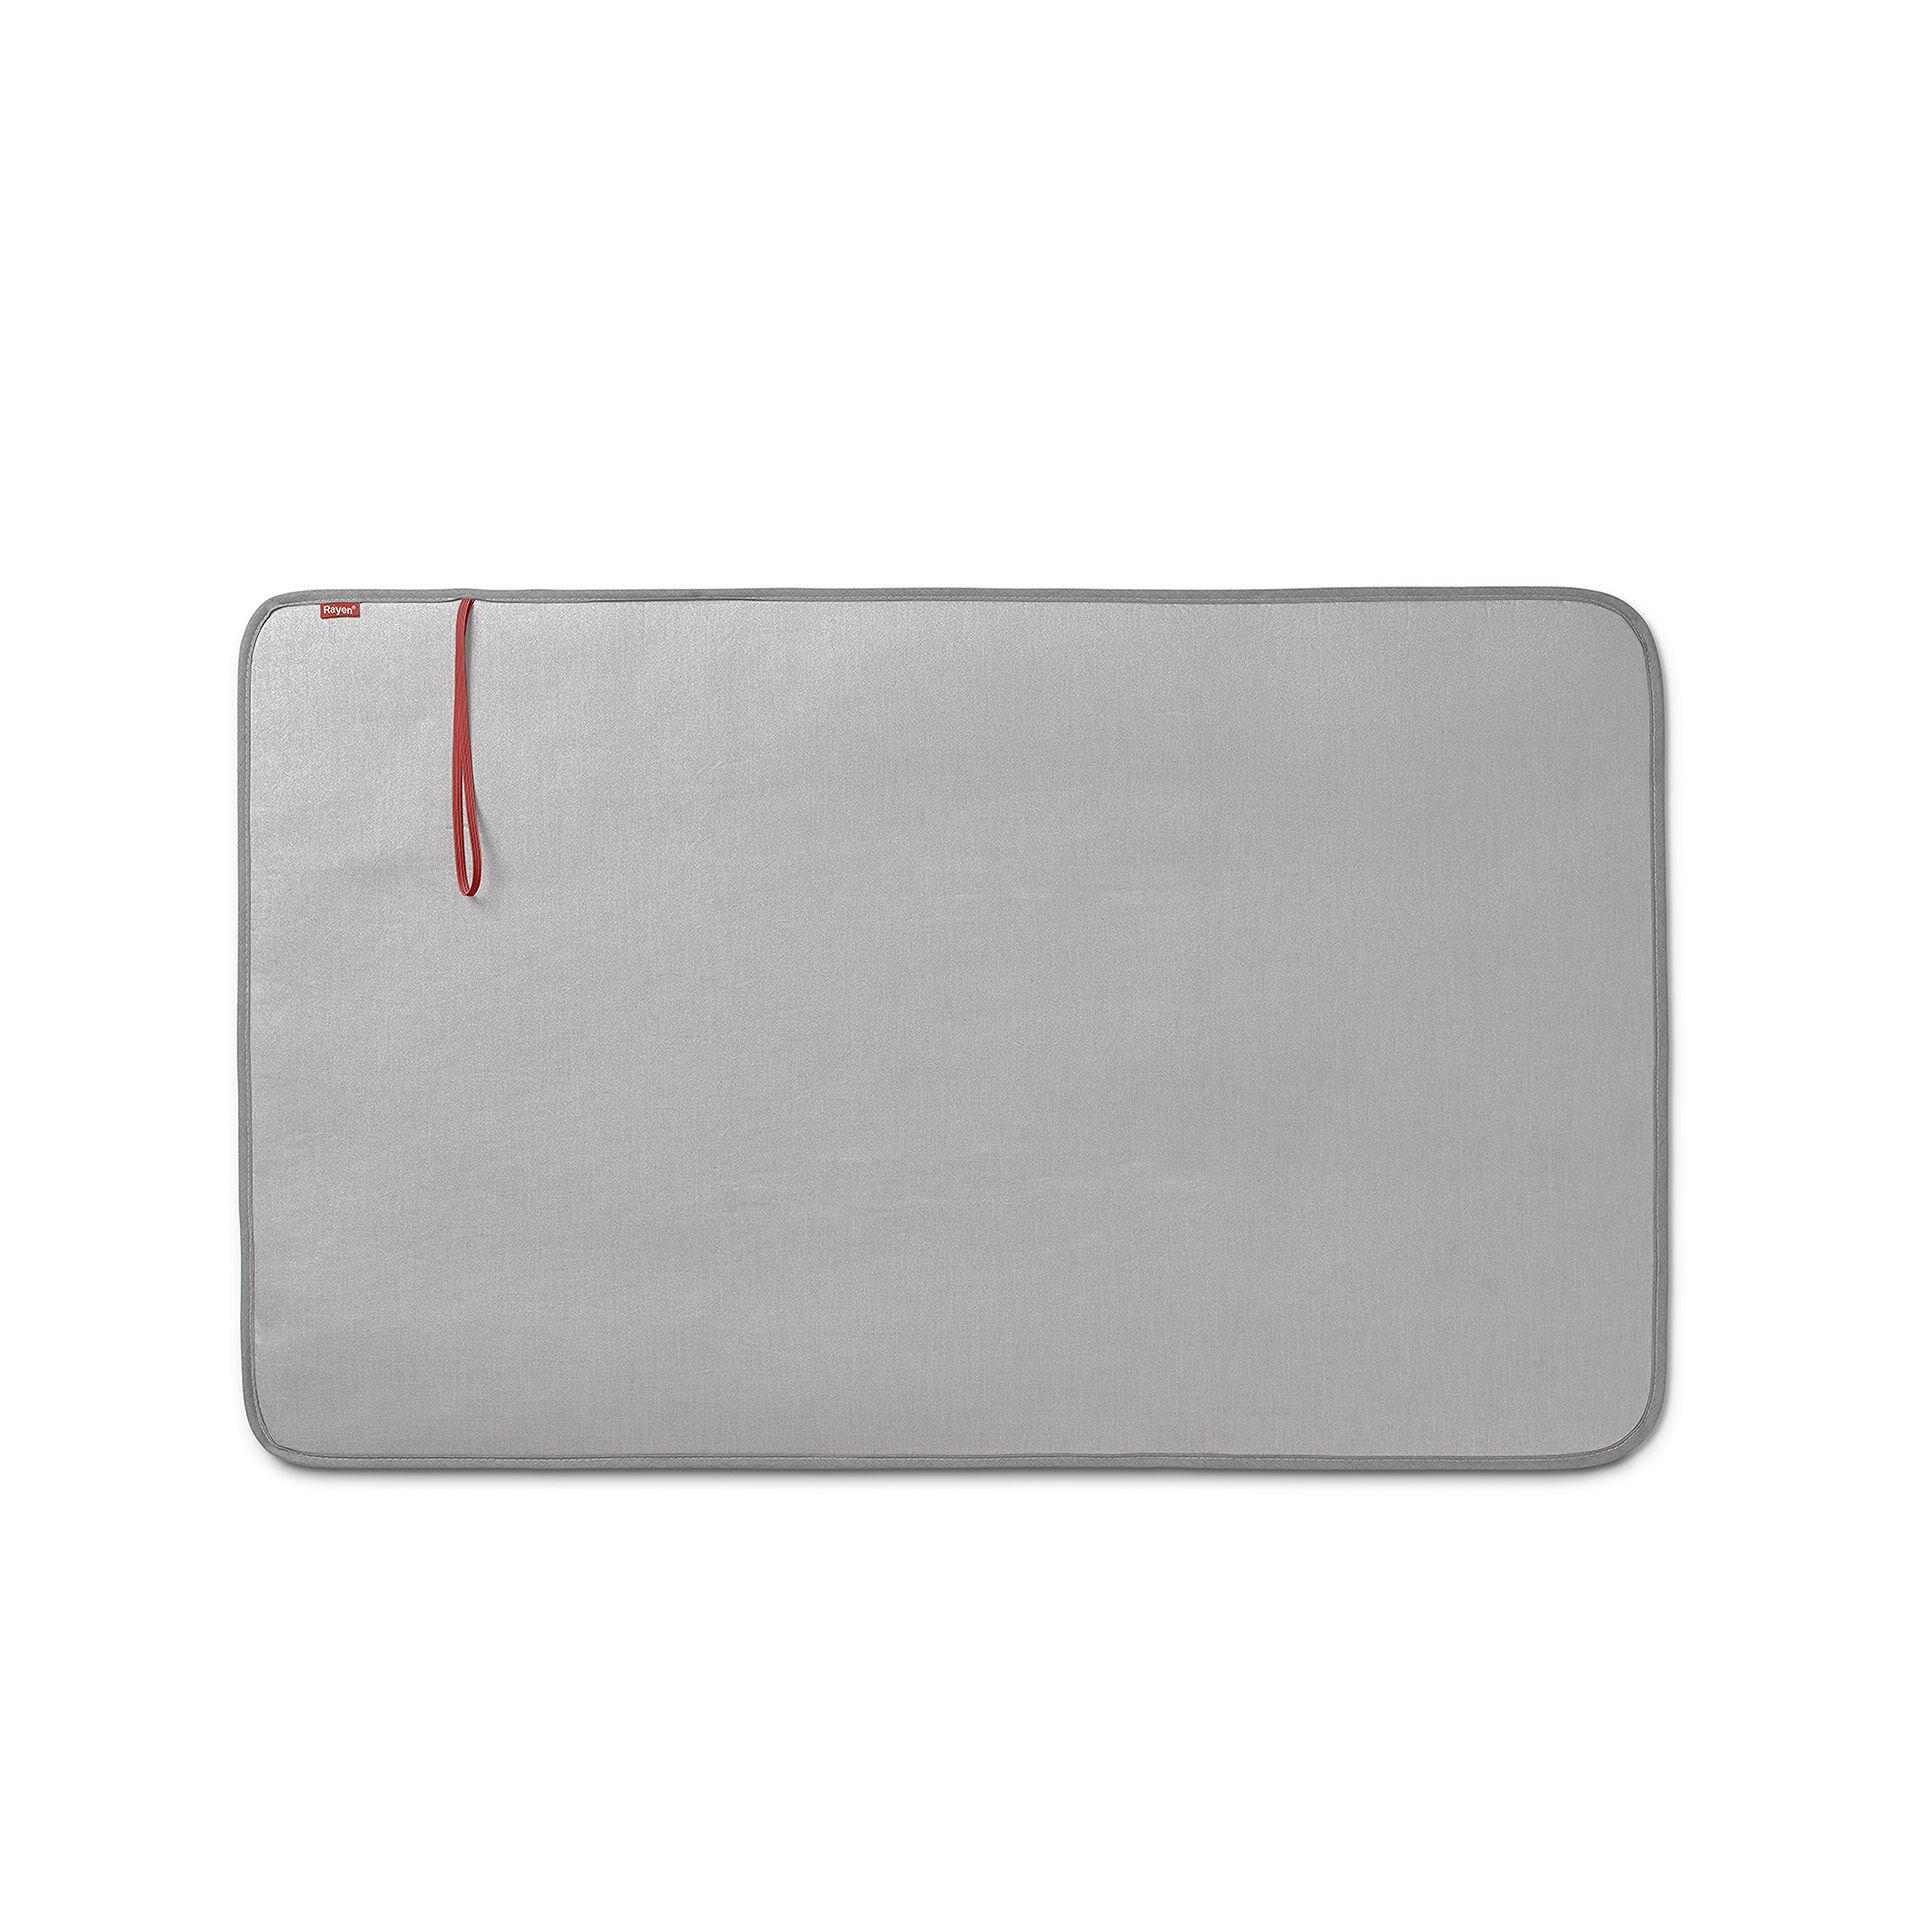 Toile de protection en polyester pour repasser sur la table, , large